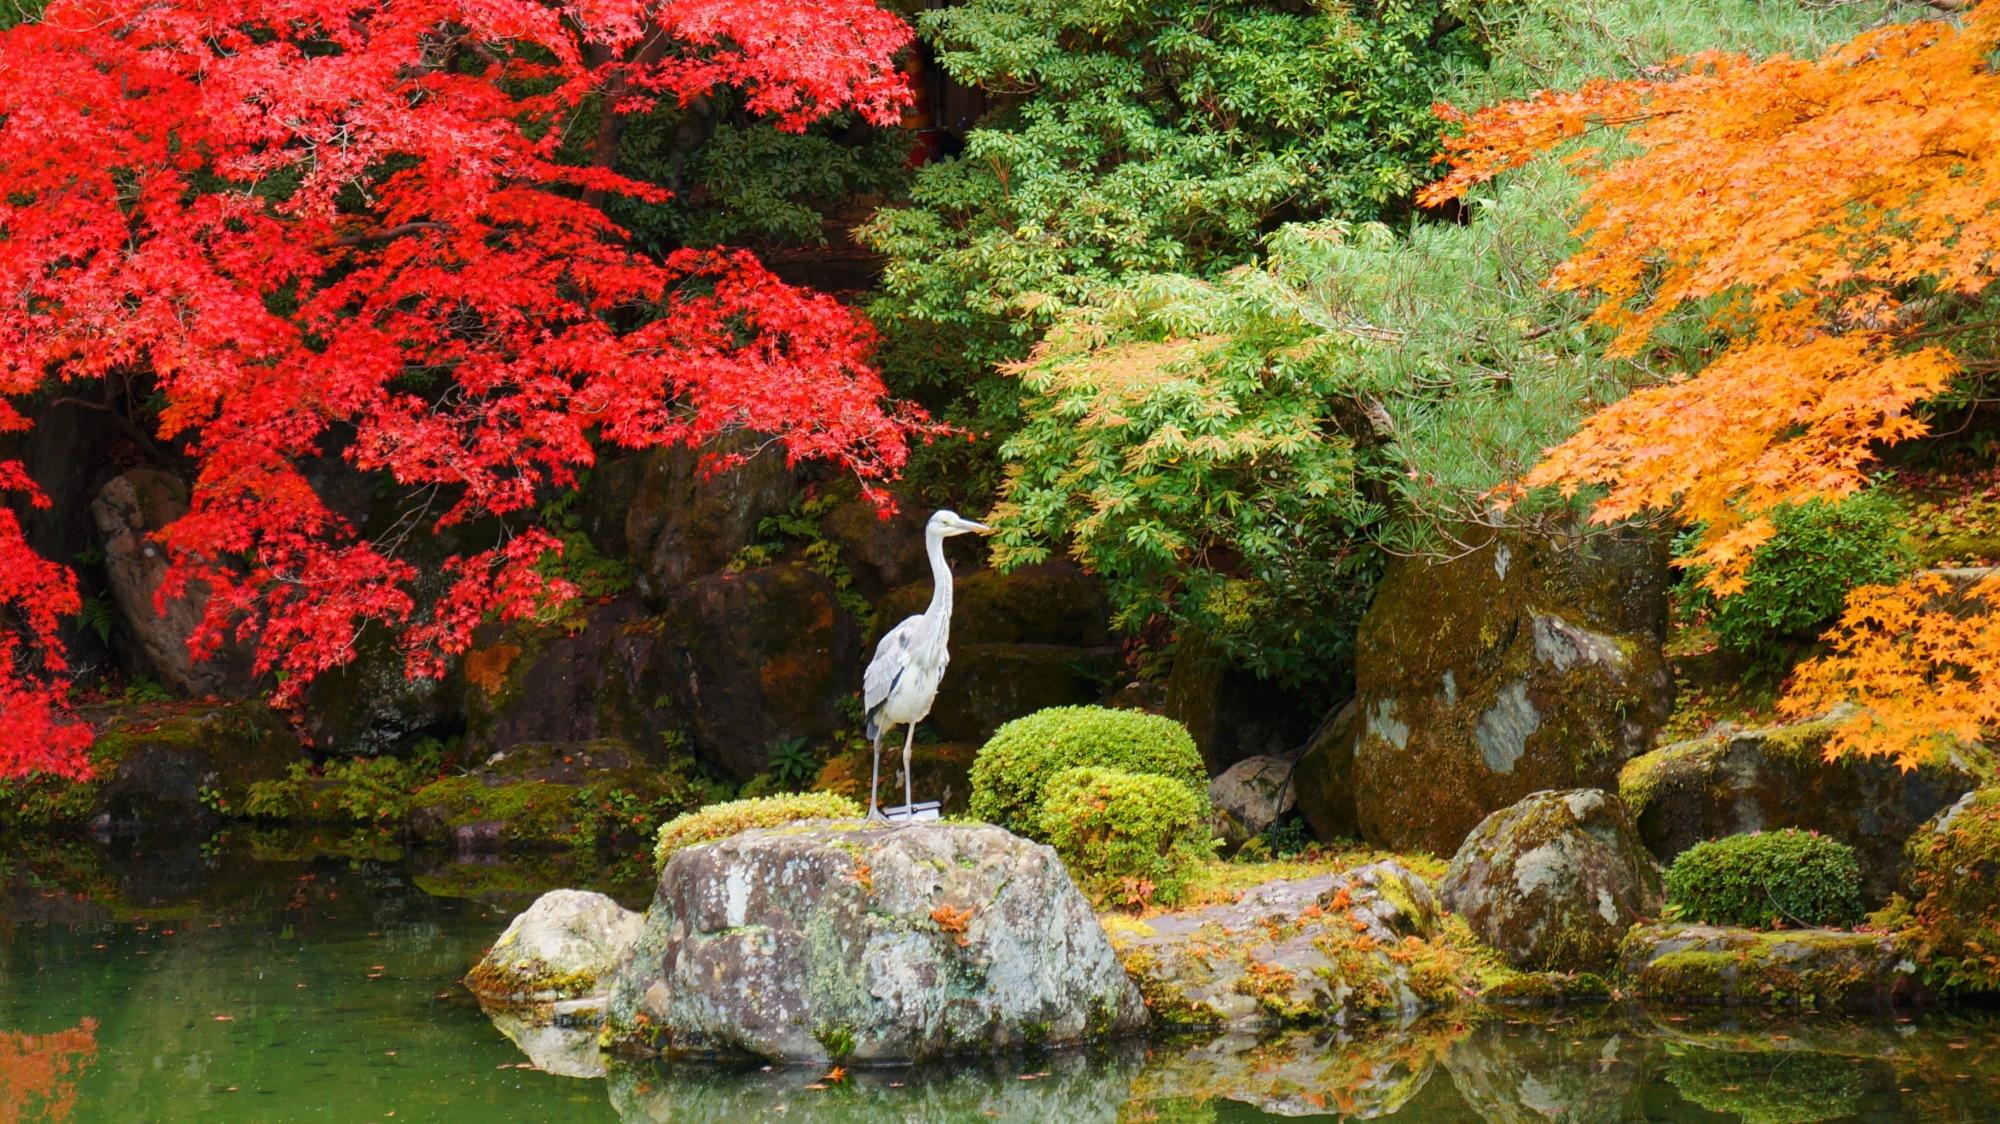 長閑に紅葉狩りを楽しむ友禅苑の鷺